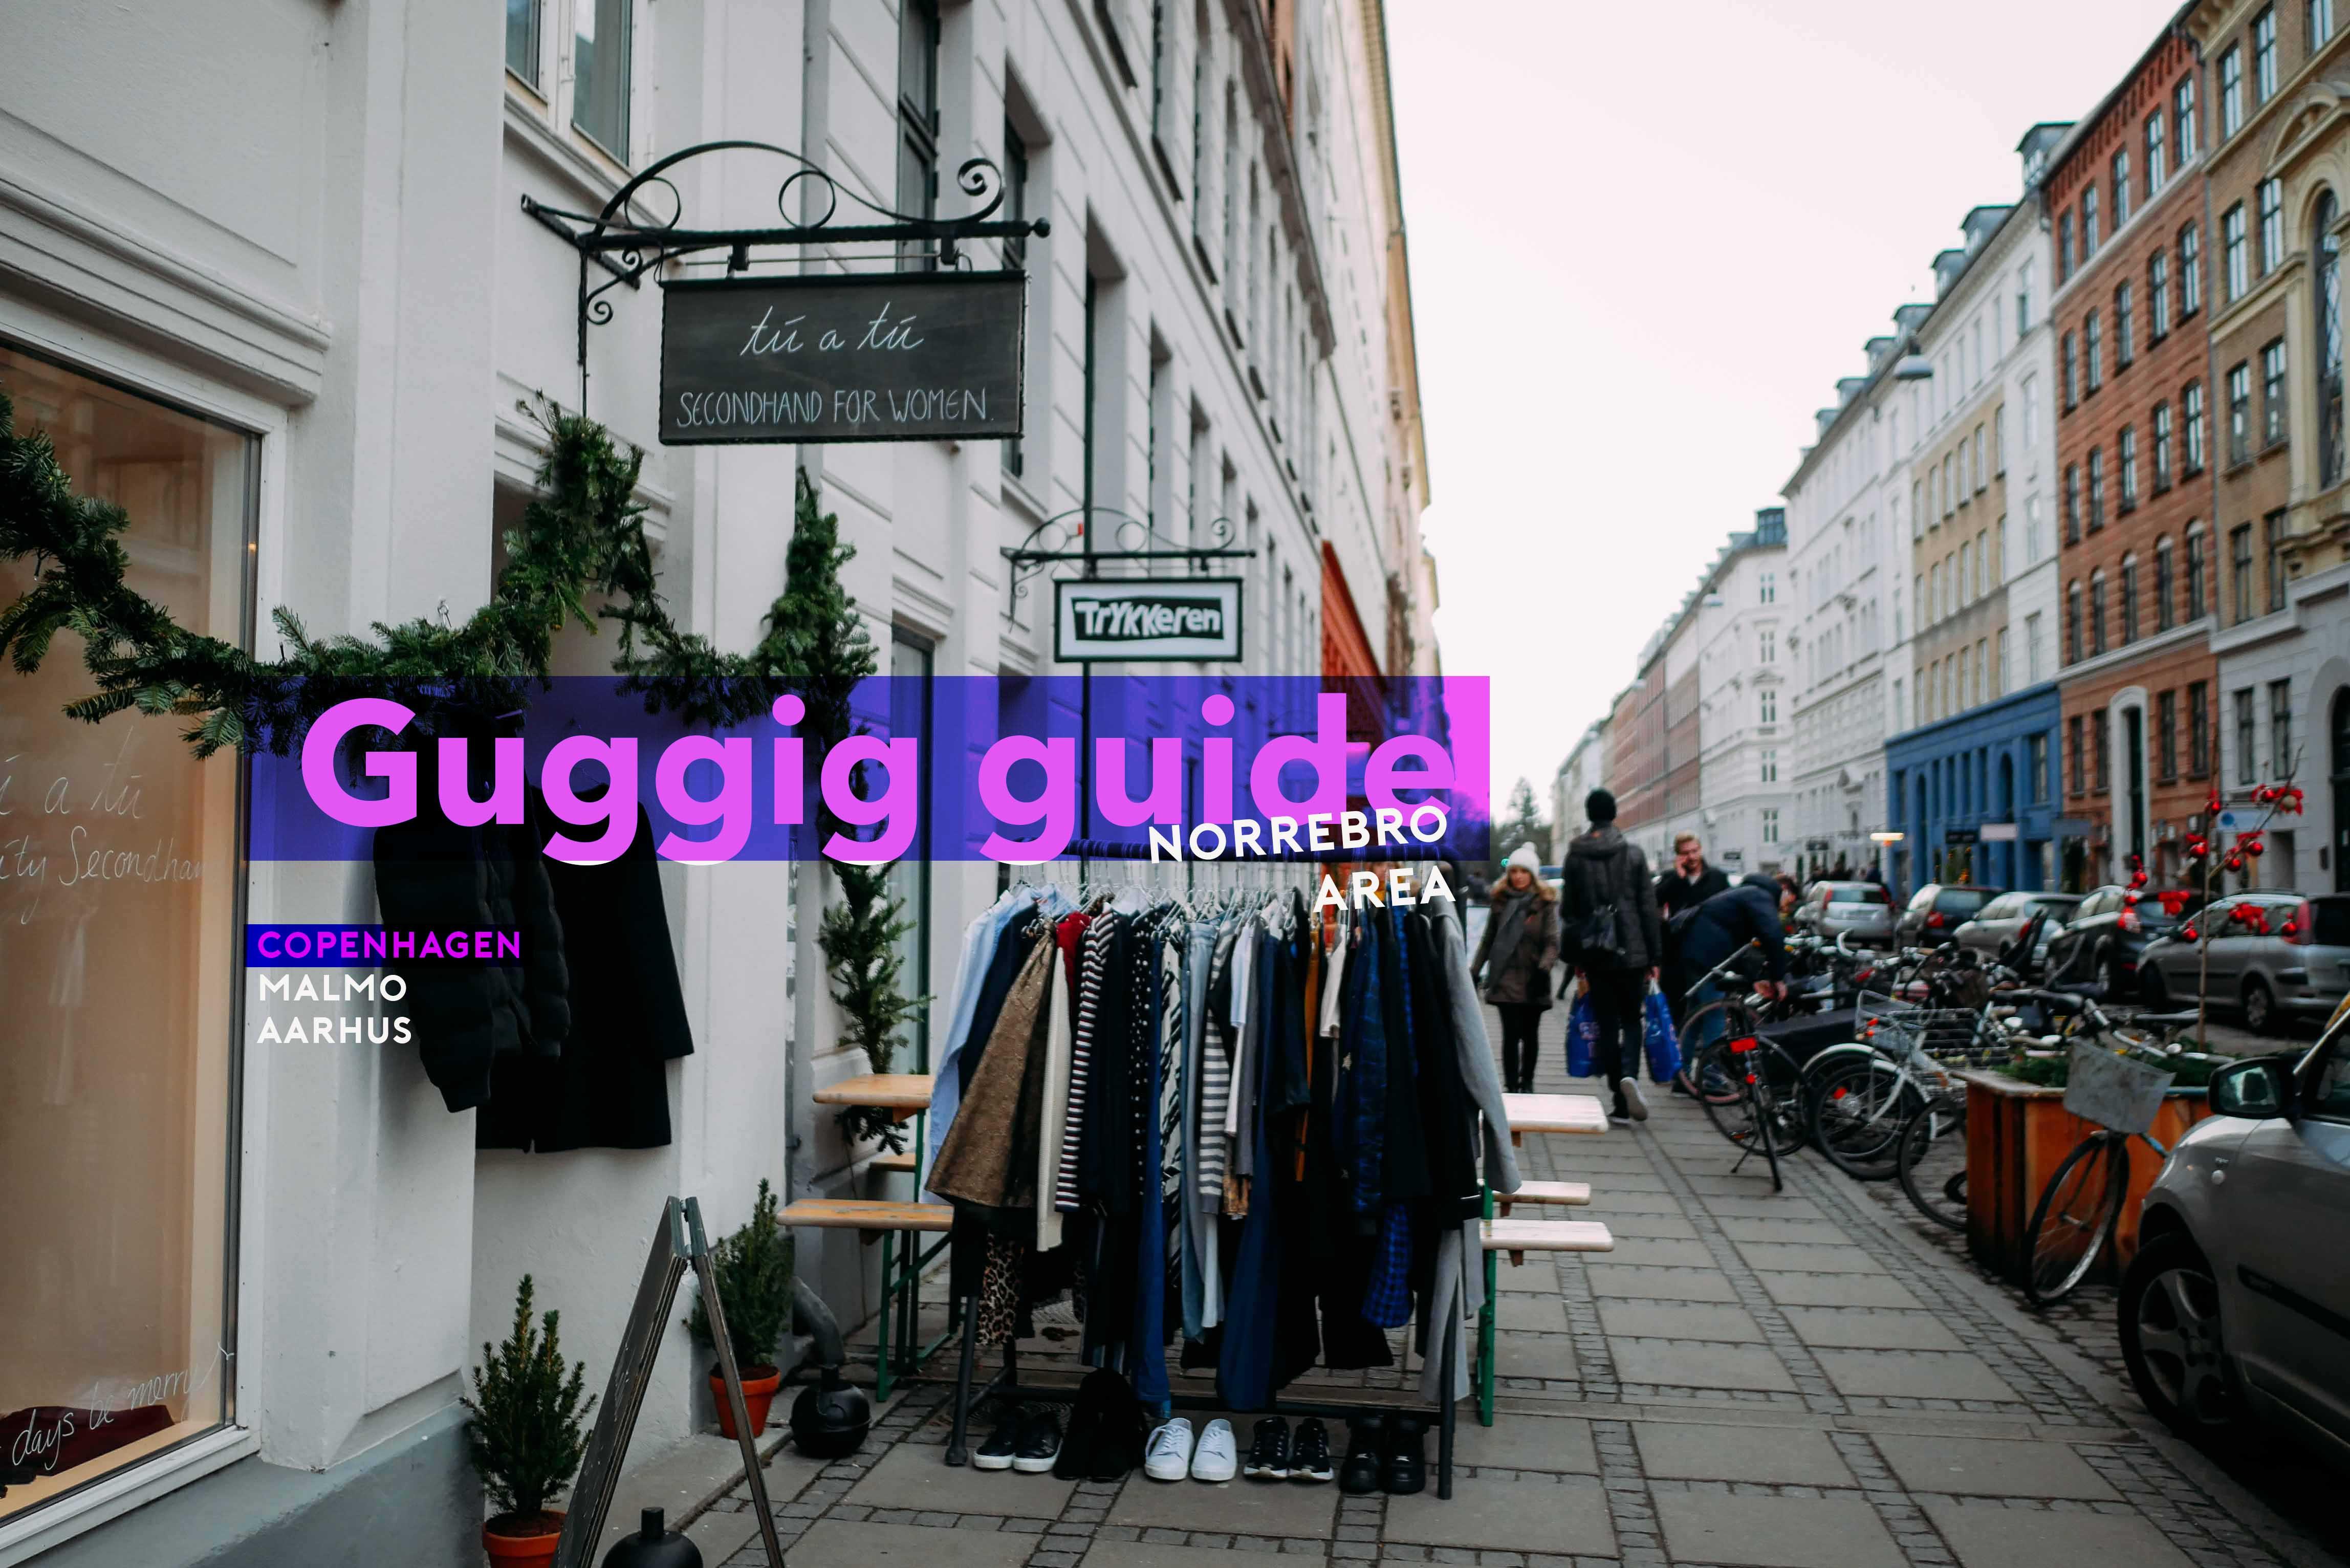 Denmark Guggig guide